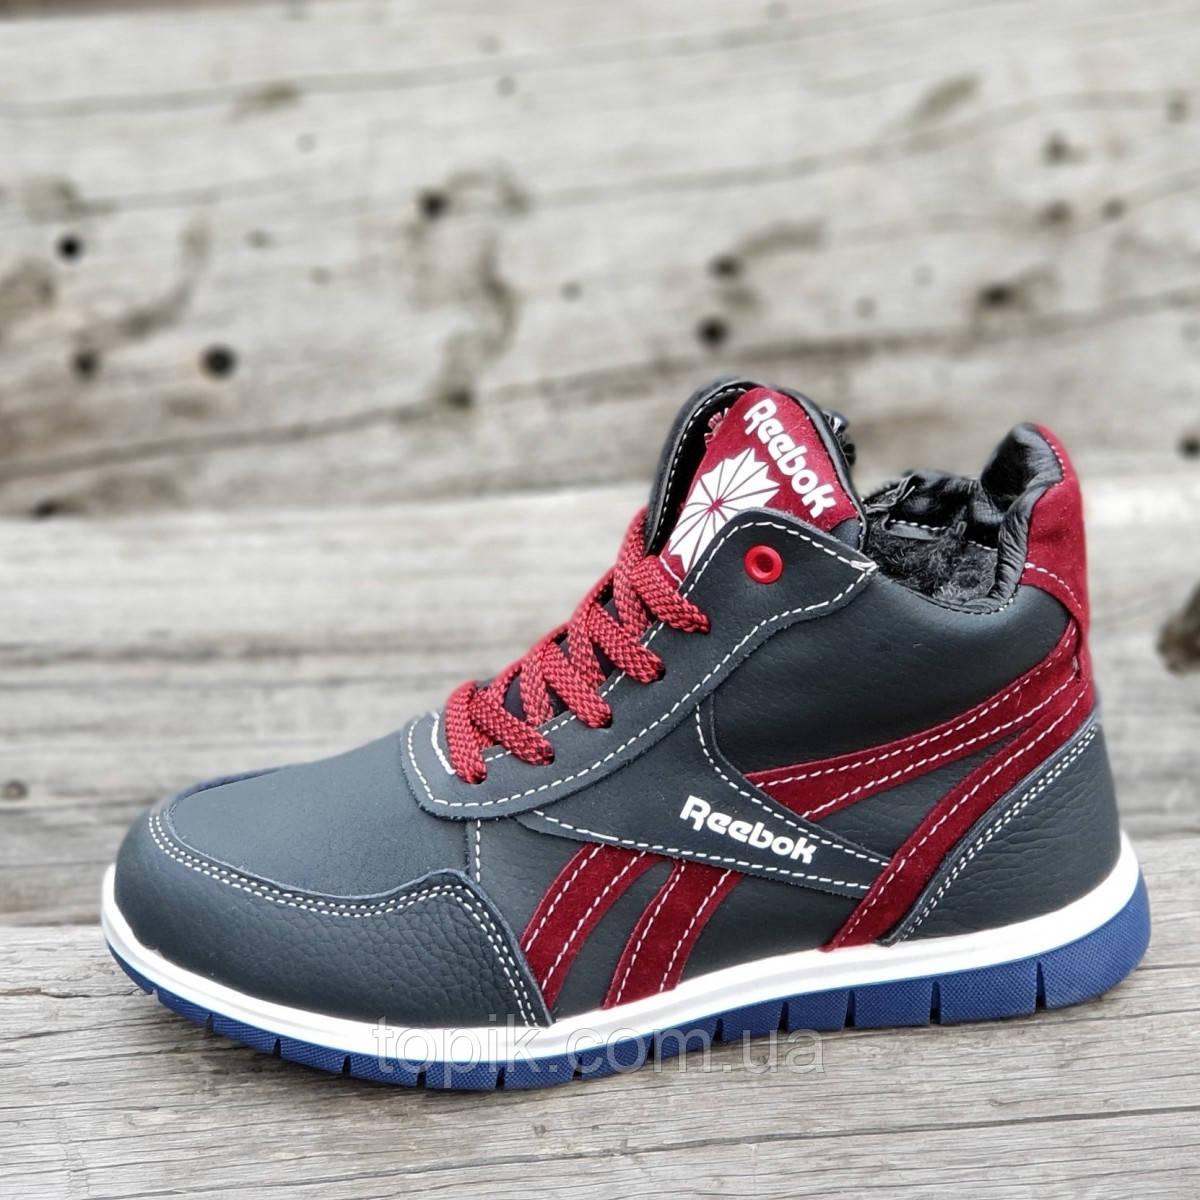 16b01760f Детские зимние кожаные ботинки кроссовки на шнурках и молнии черные  натуральный мех (Код: 1258